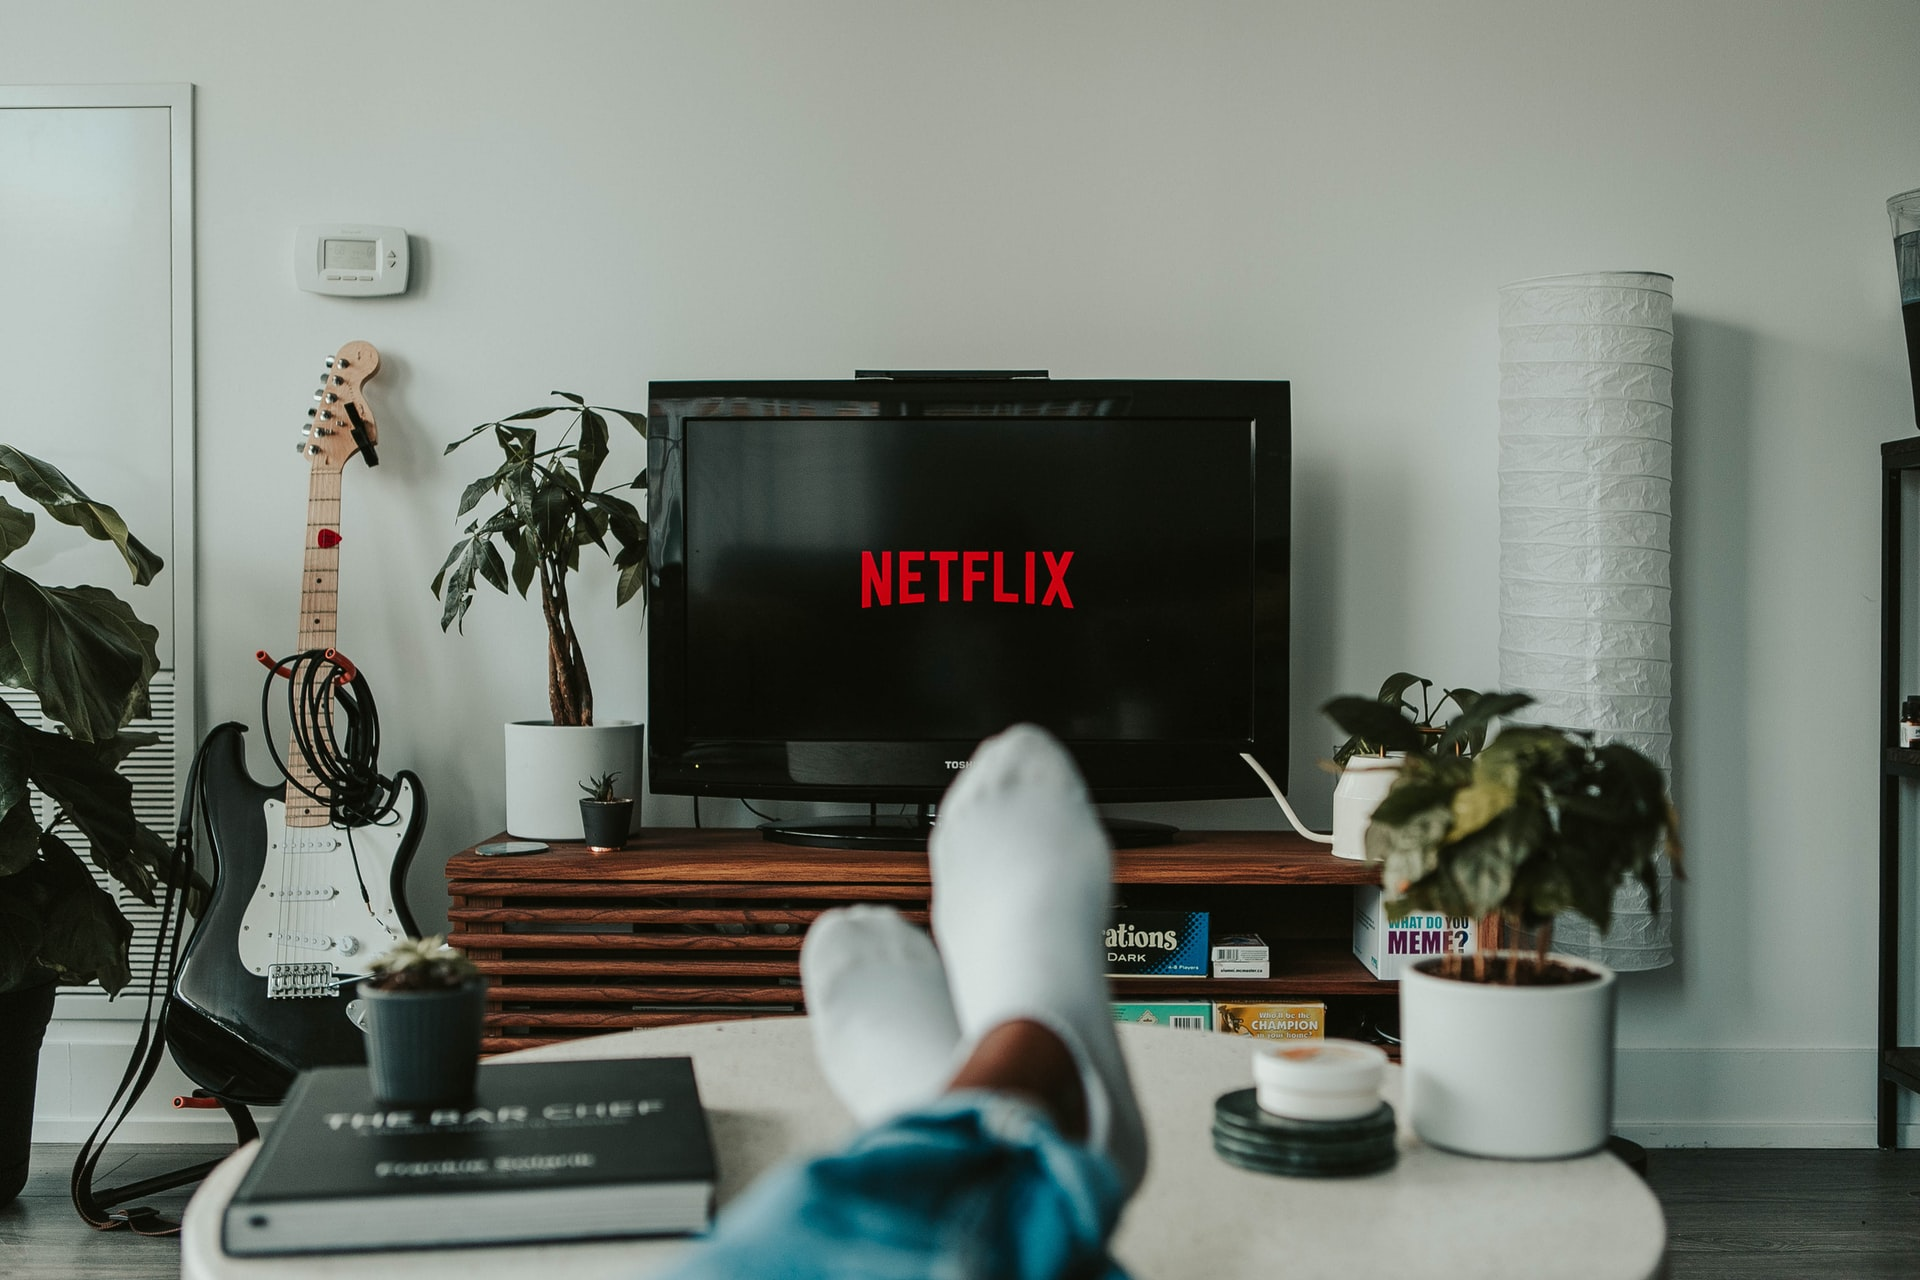 Netflix brand sustainability